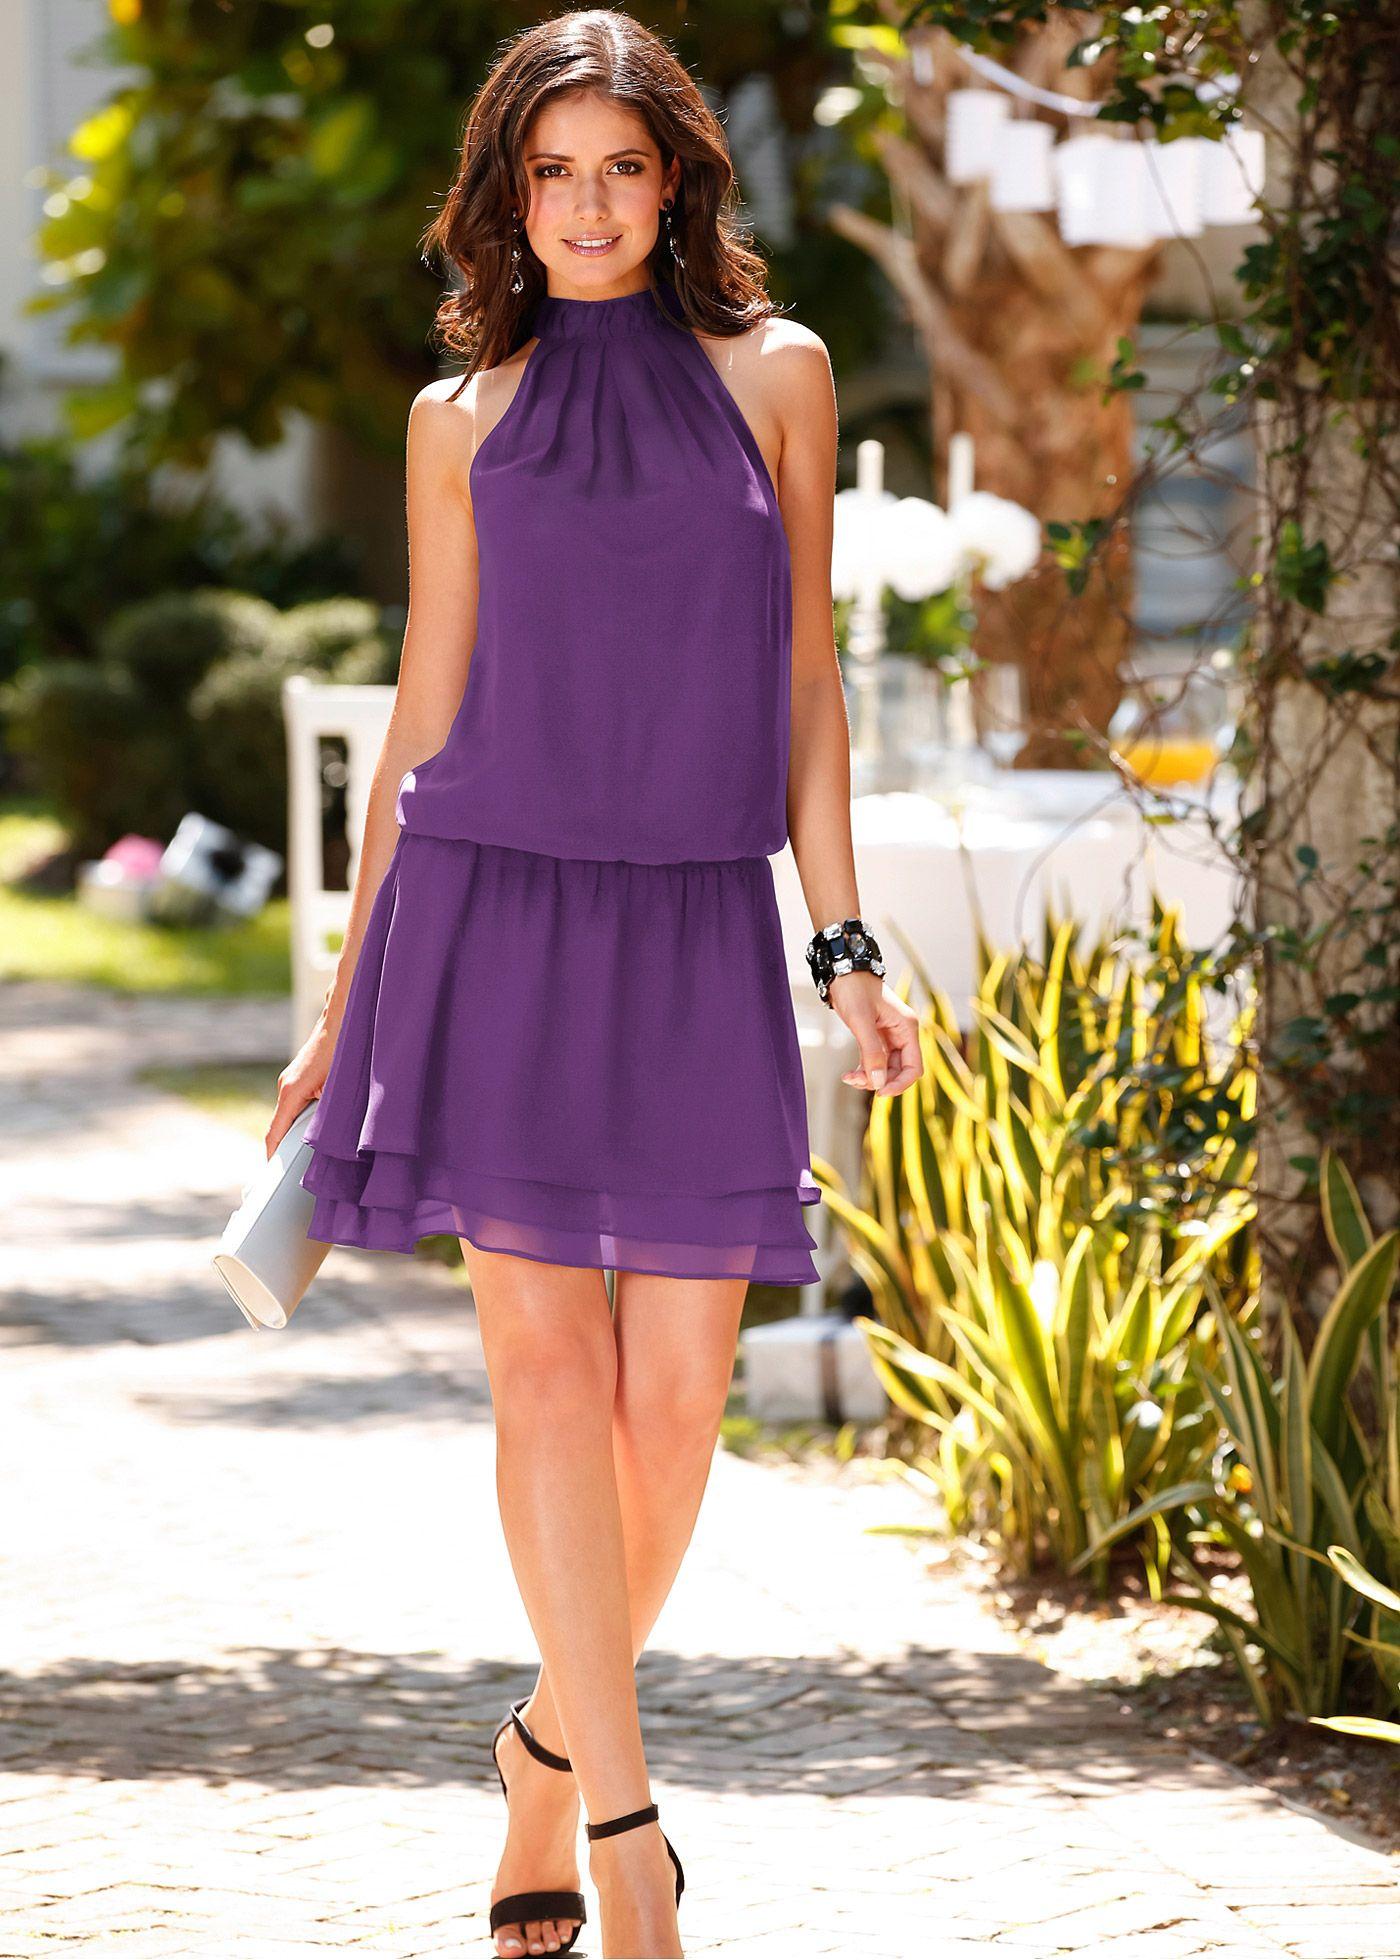 Vestido roxo encomendar agora na loja on-line bonprix.de R$ 89,90 a ...